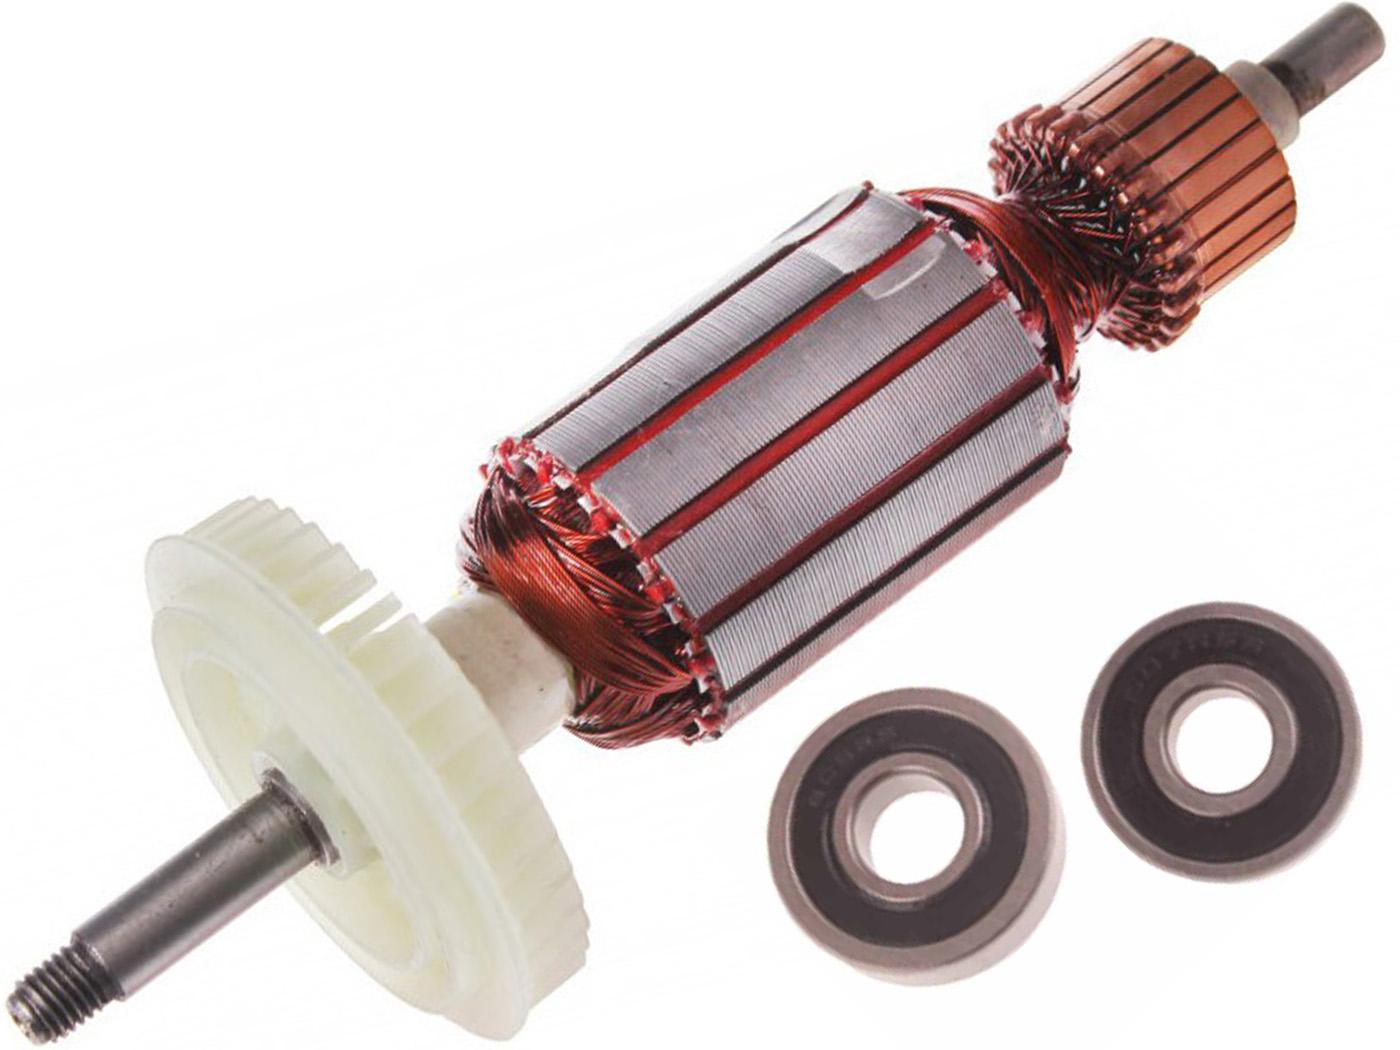 Rotor Hilti DAG125S, DAG125SE, DAG, 125 S, 125 DAG